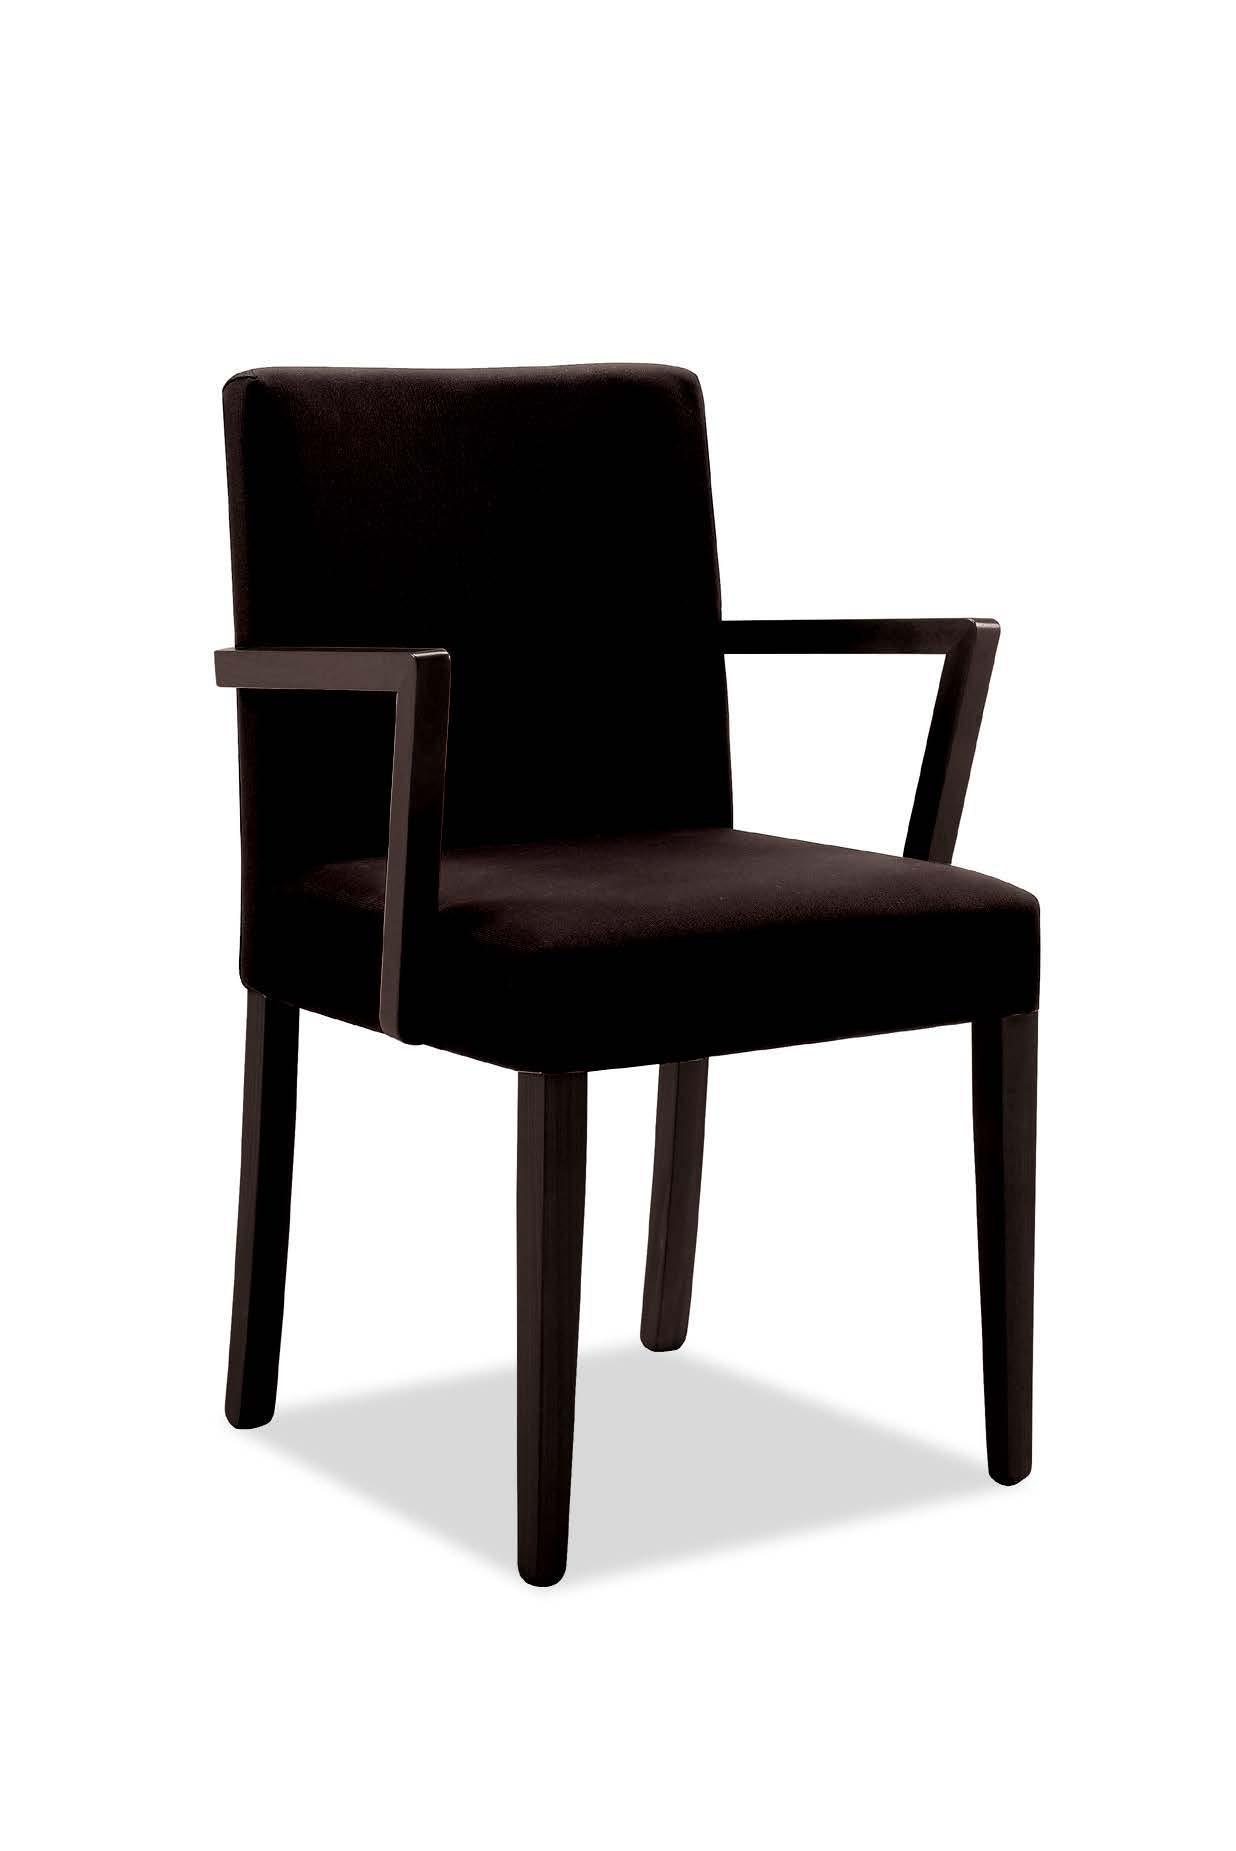 Poltroncina movie p galimberti sedie e tavoli for Galimberti sedie